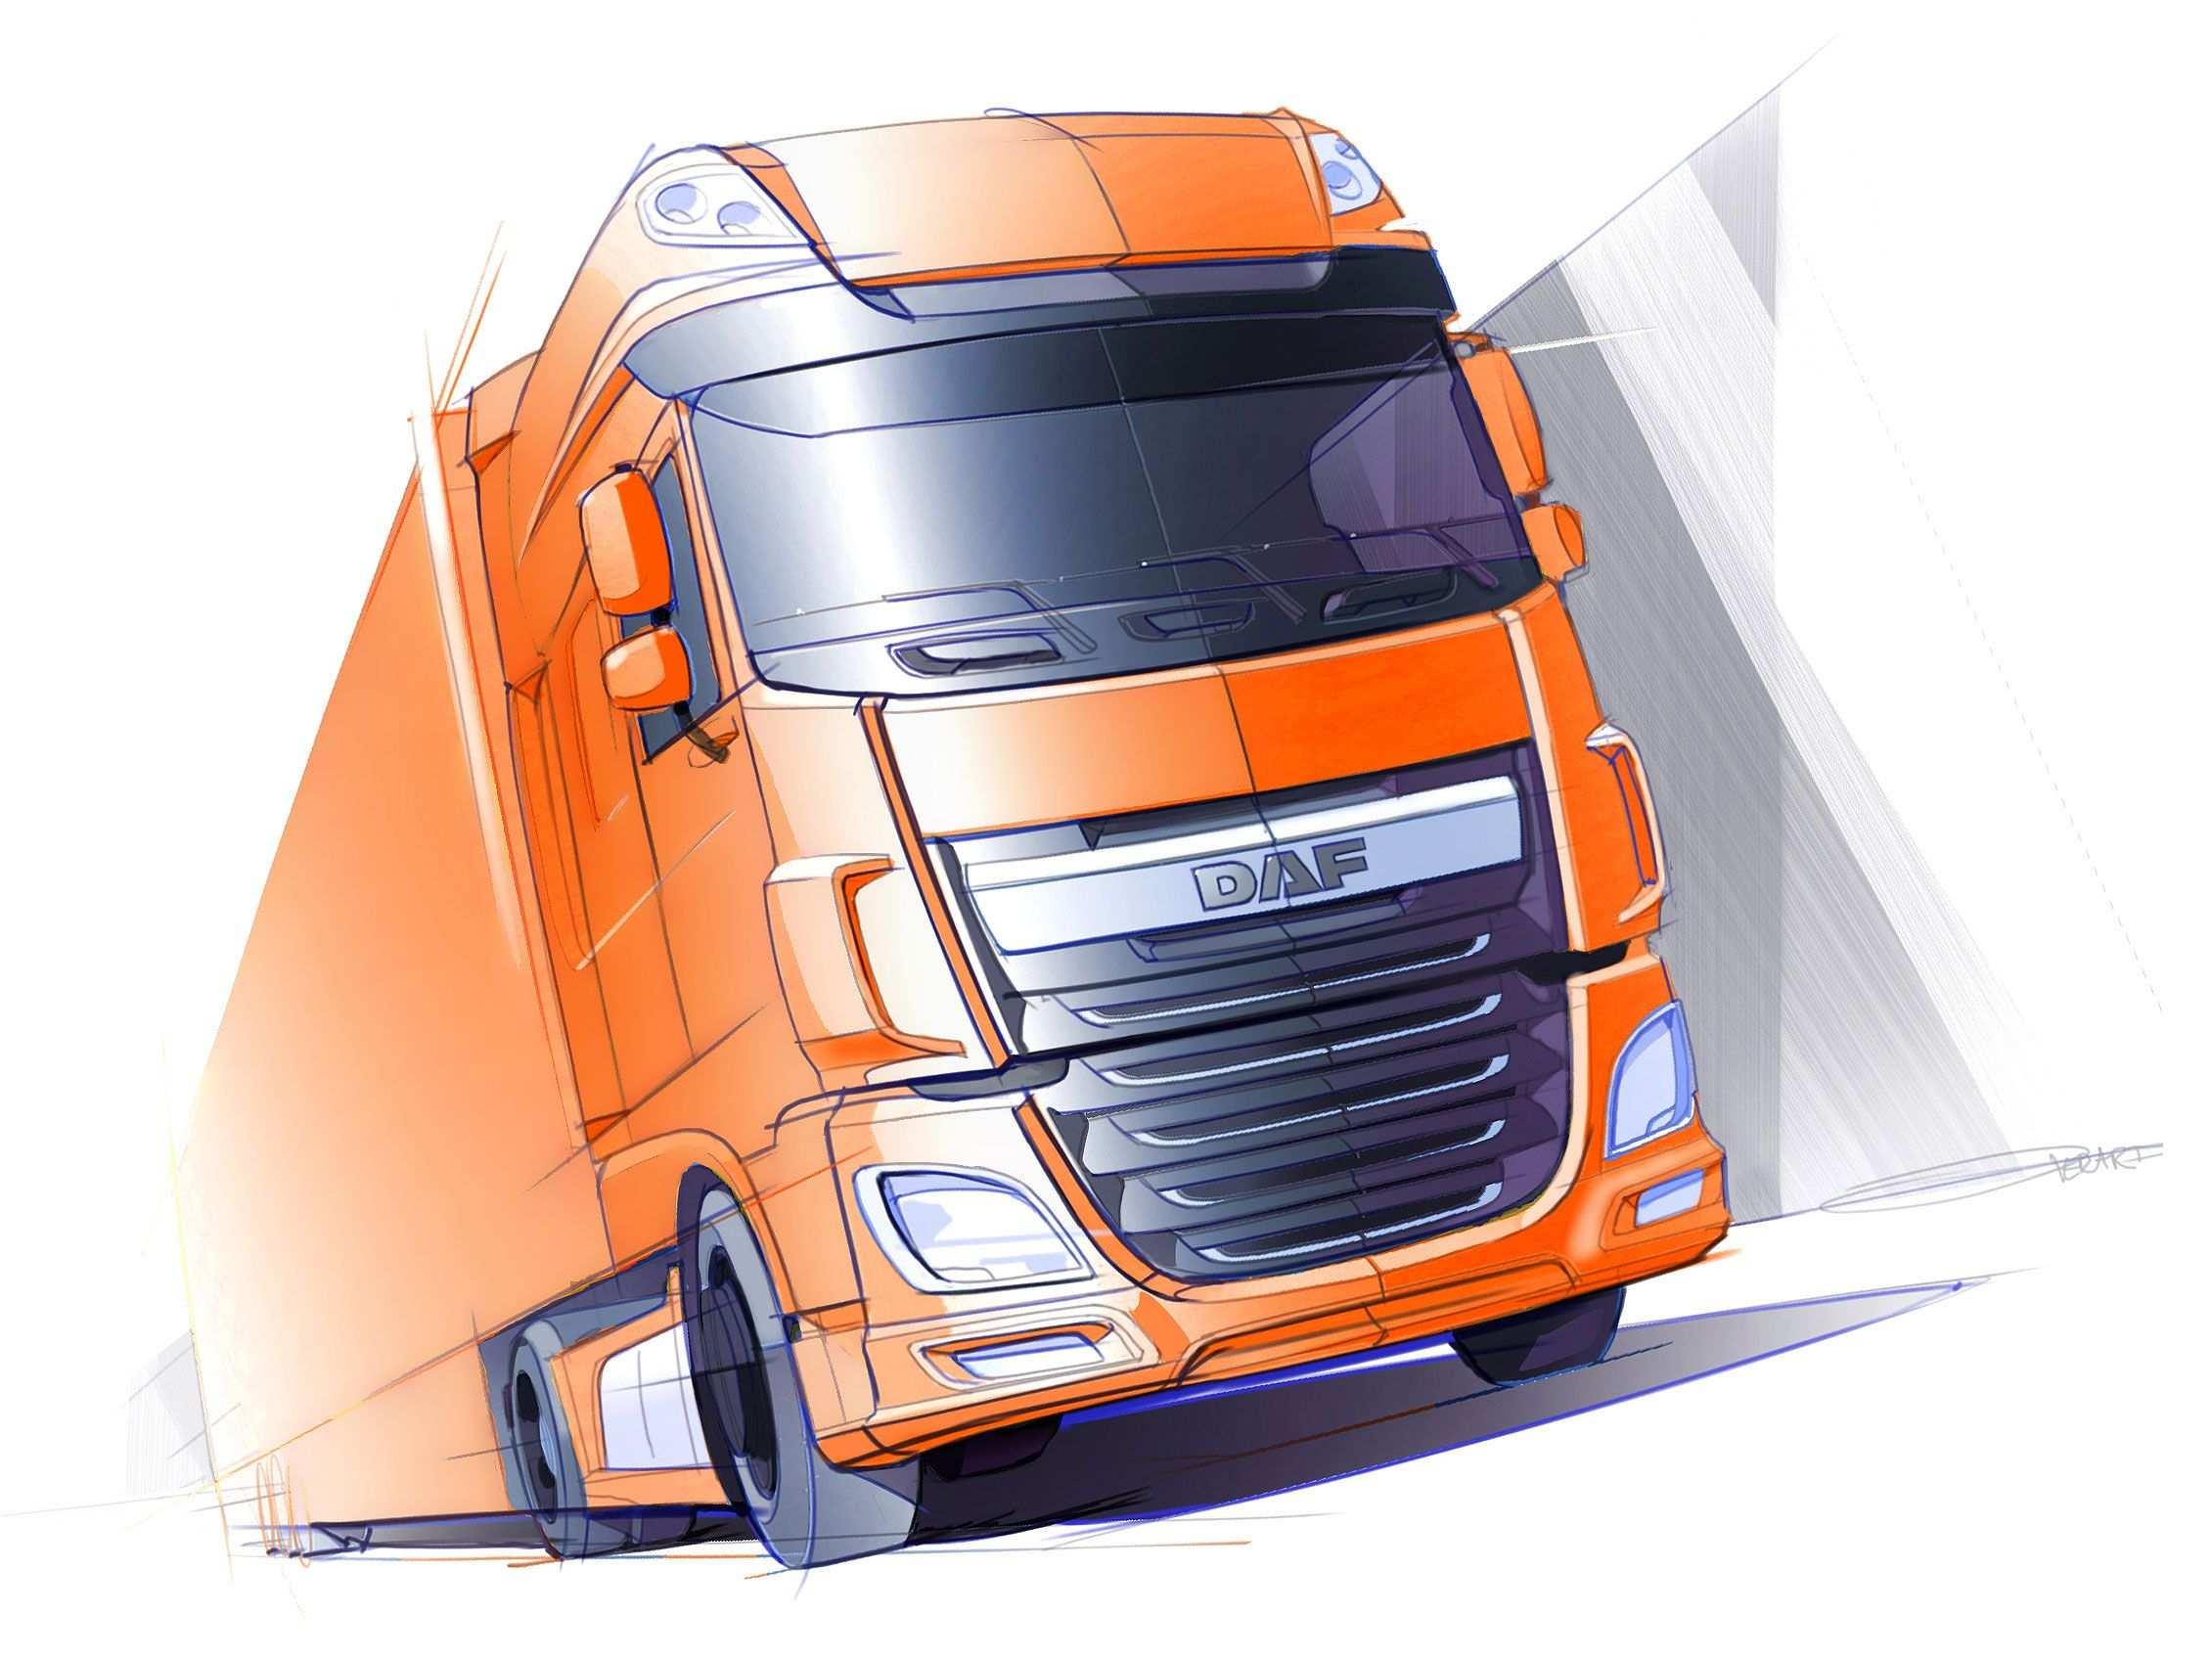 New Daf Xf Design Sketch Auto Automotivo Caminhoes